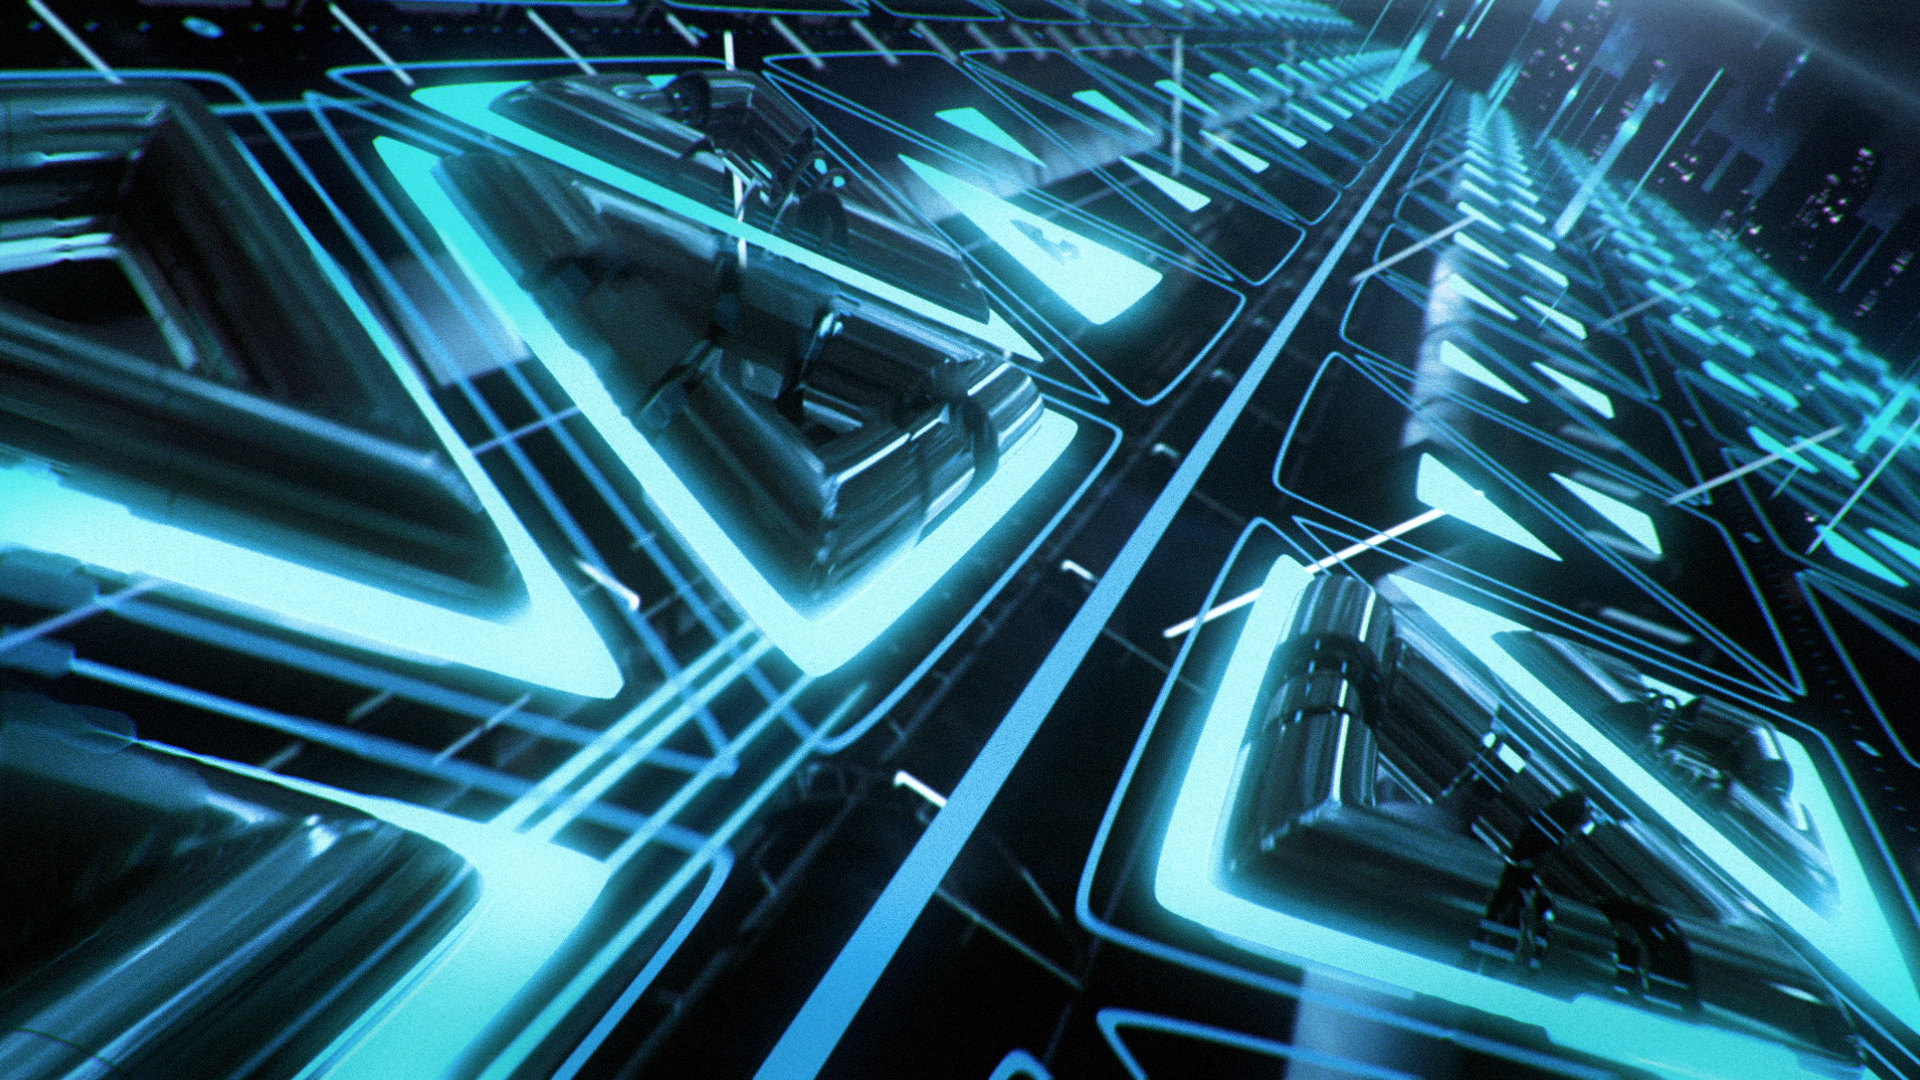 Nike_HyperCool_Speed_1465_VITAMIN_032713_v01.mov.00_00_18_02.Still012.jpg